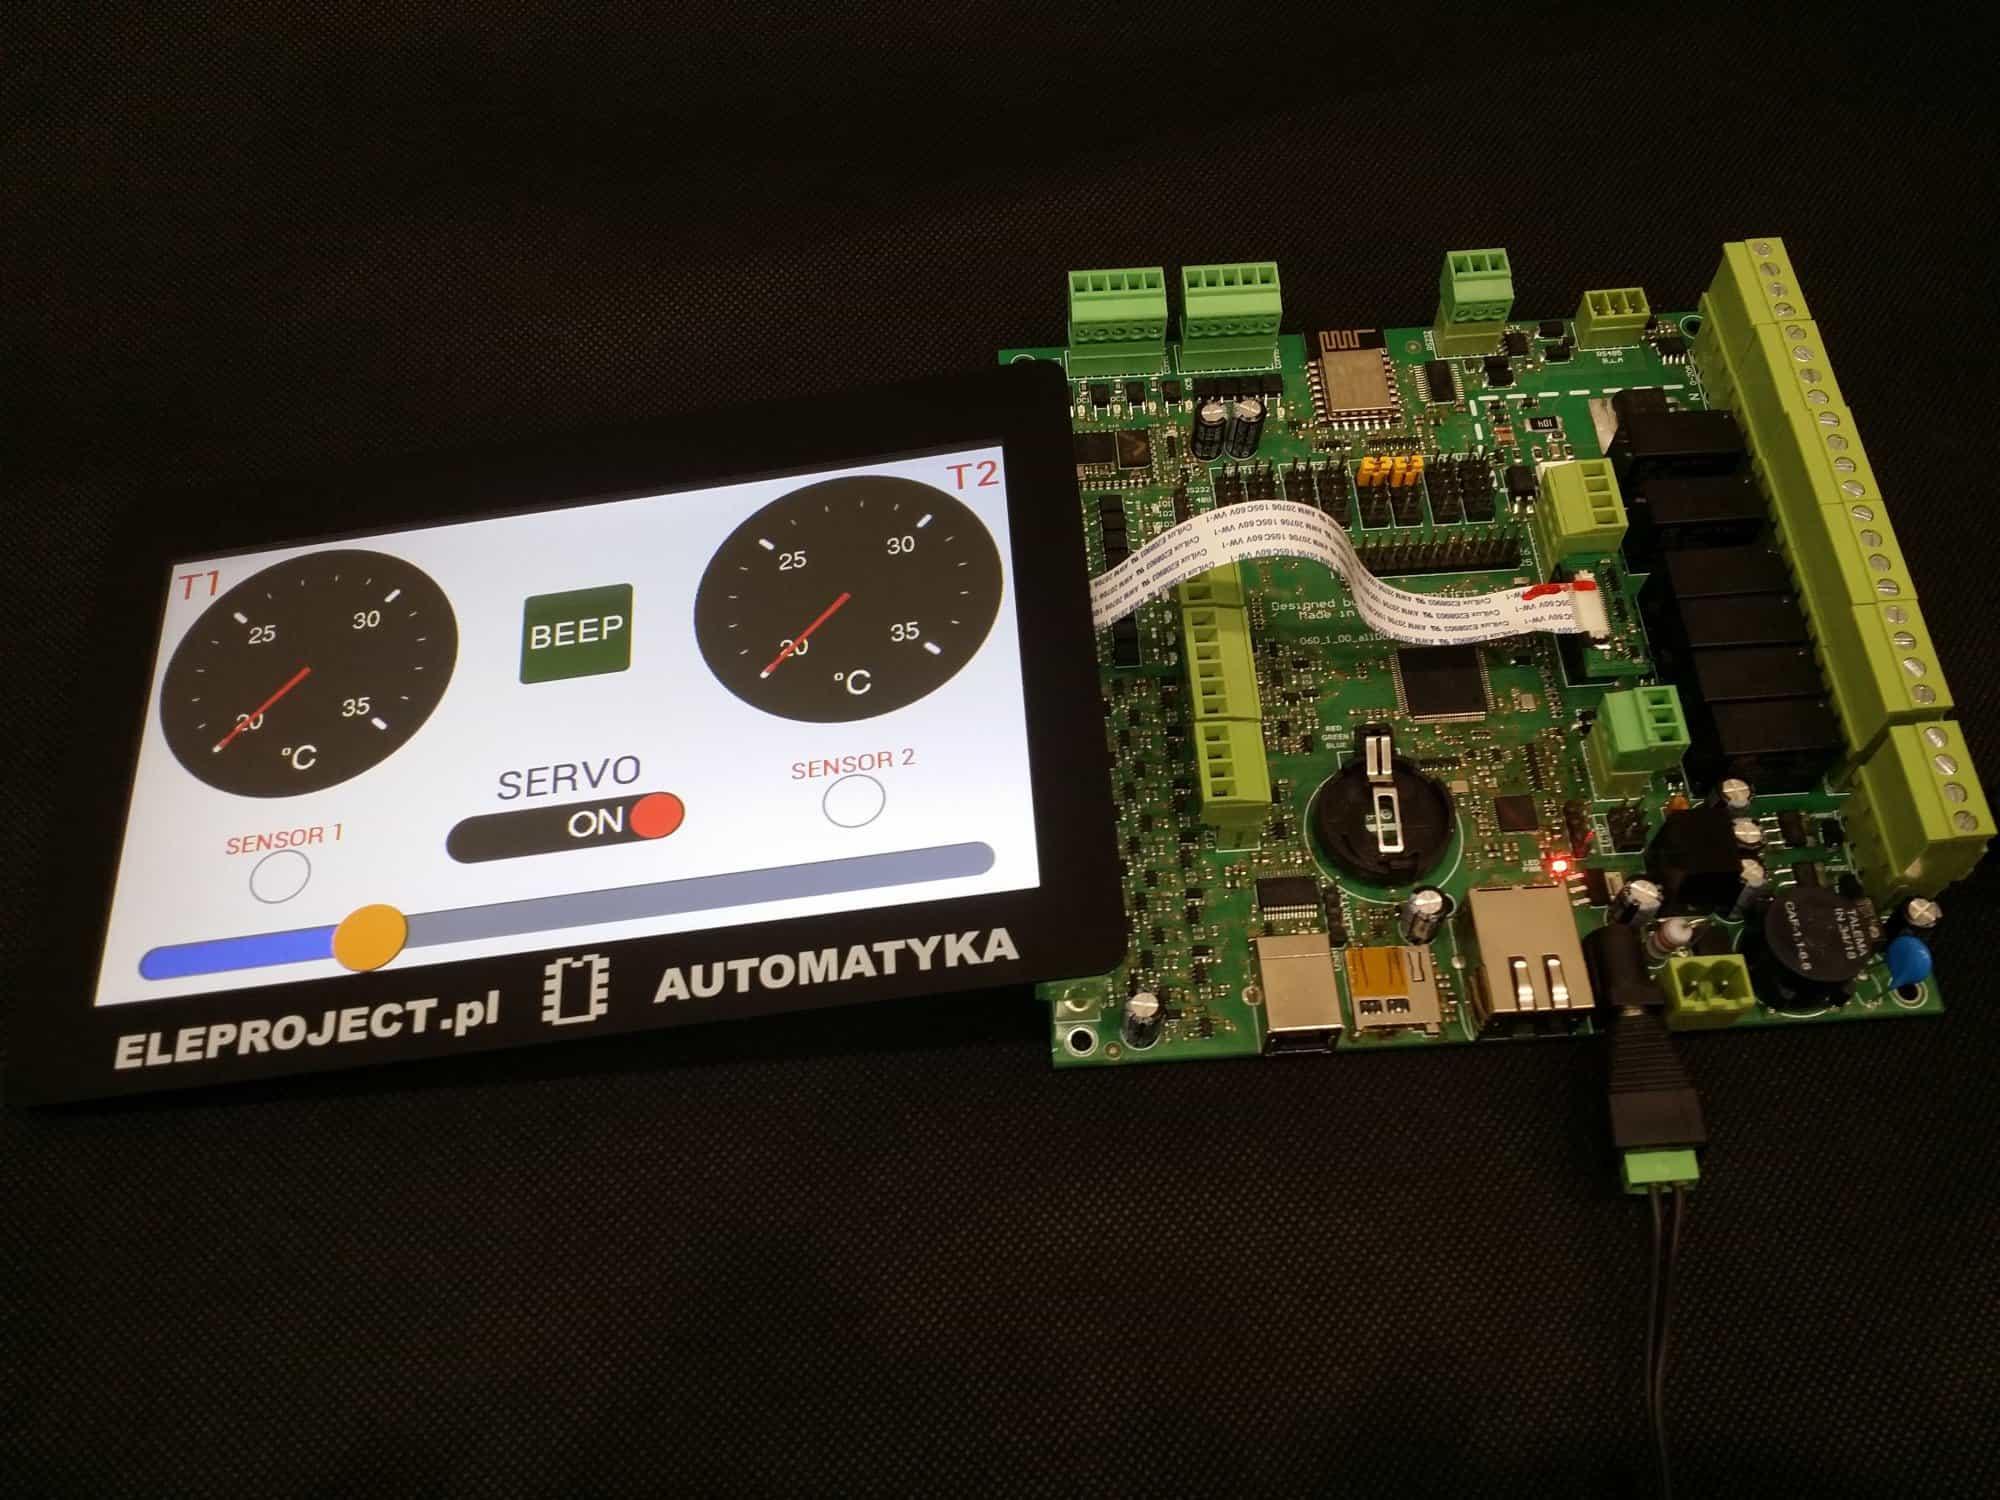 Uniwersalny moduł sterowania zgodny z Adruino Mega2560. Także programowalny w C z AtmelStudio.